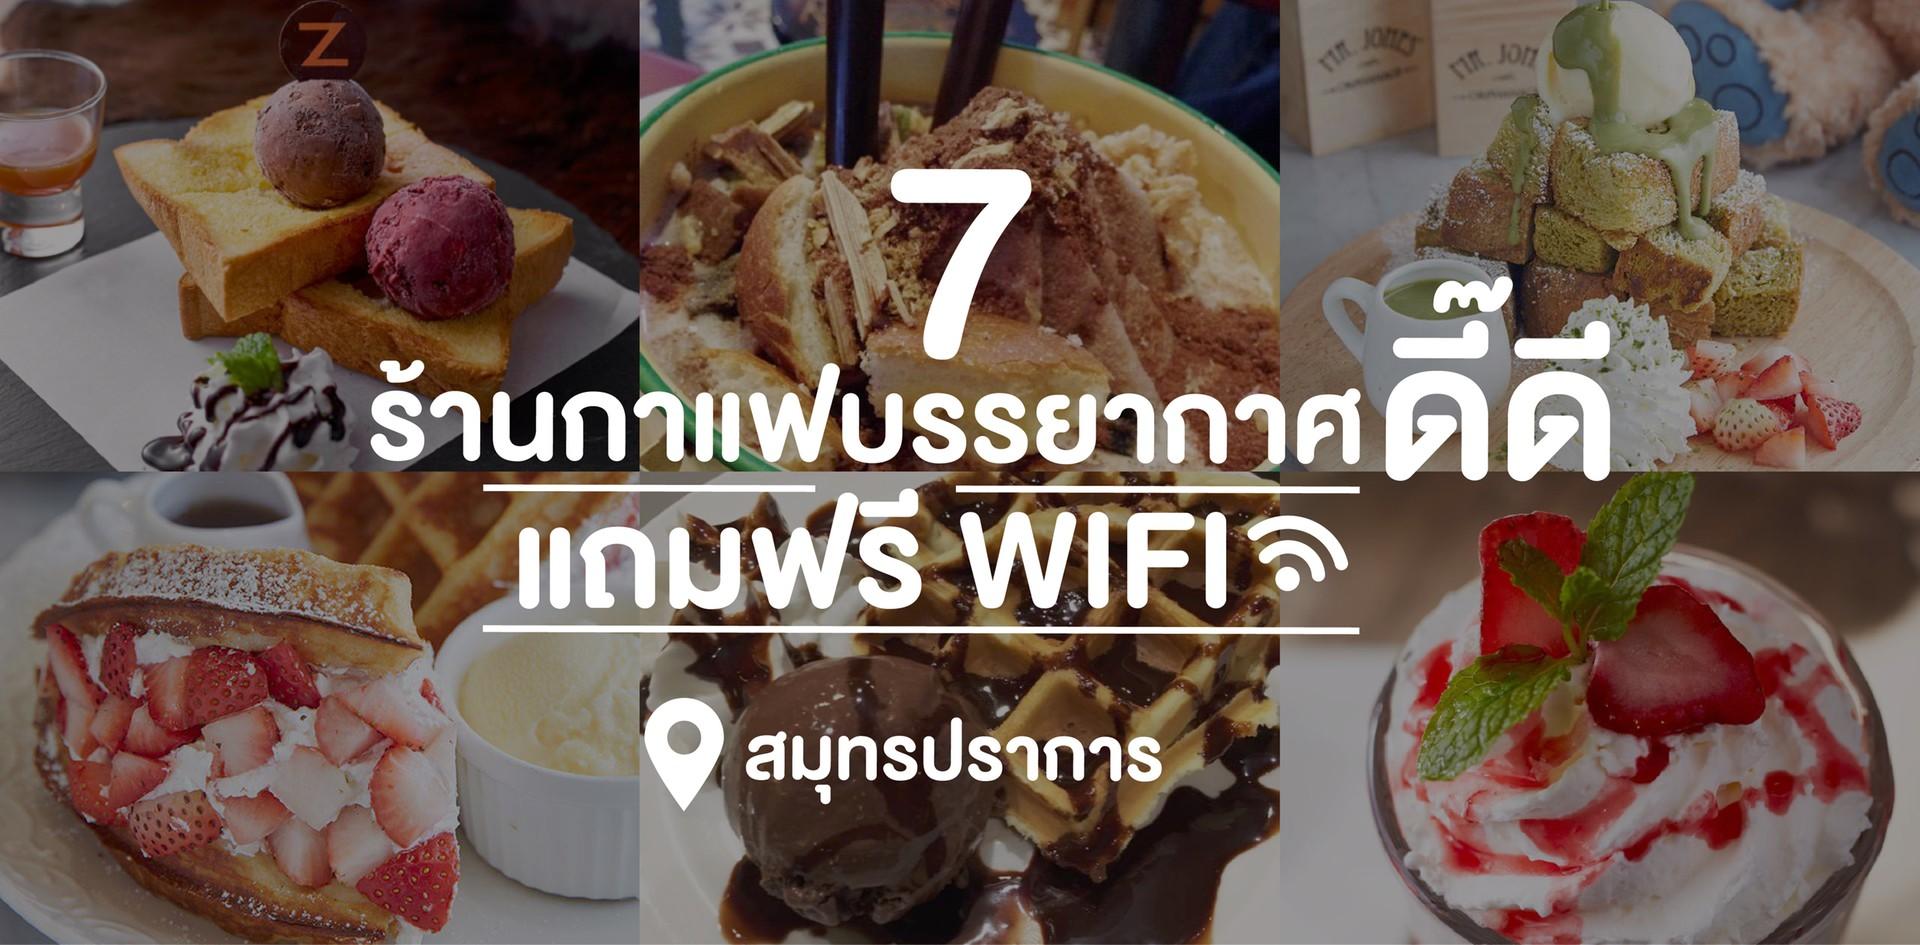 7 ร้านกาแฟบรรยากาศดี๊ดีแถมฟรี wi-fi! ย่านสมุทรปราการ